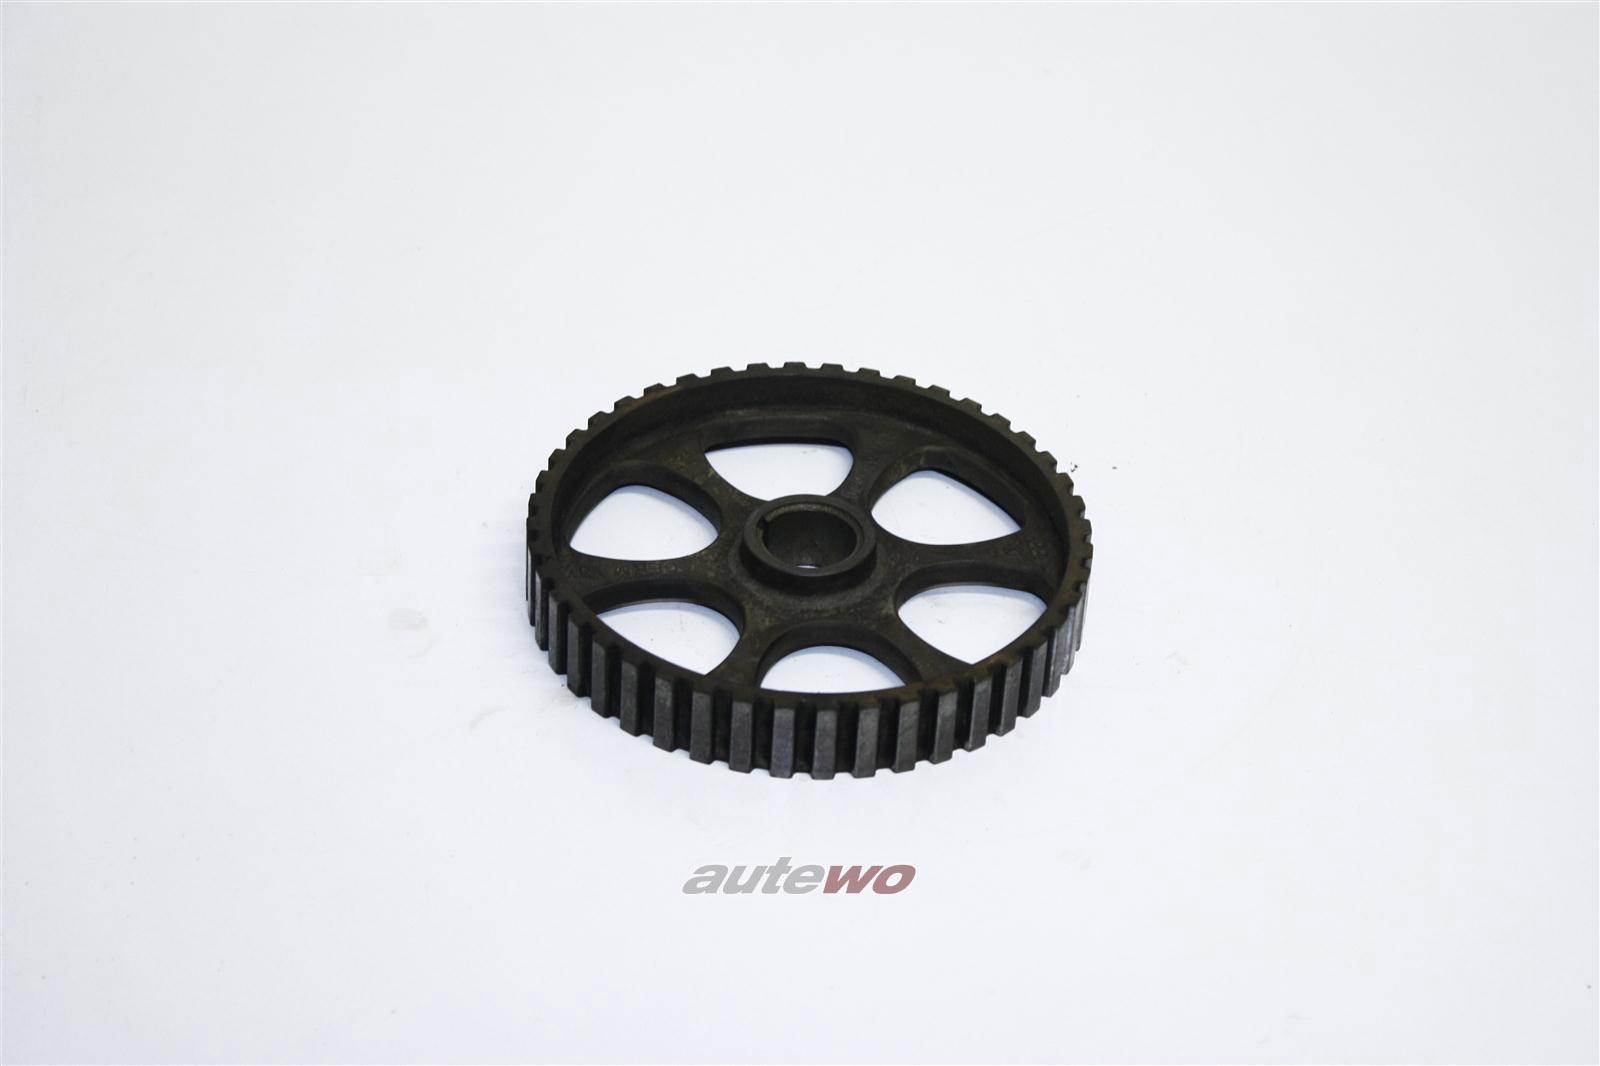 Audi 80/100 1.6-2.0l div. 4 Zylinder Zahnriemenscheibe 049109111C 049109111B